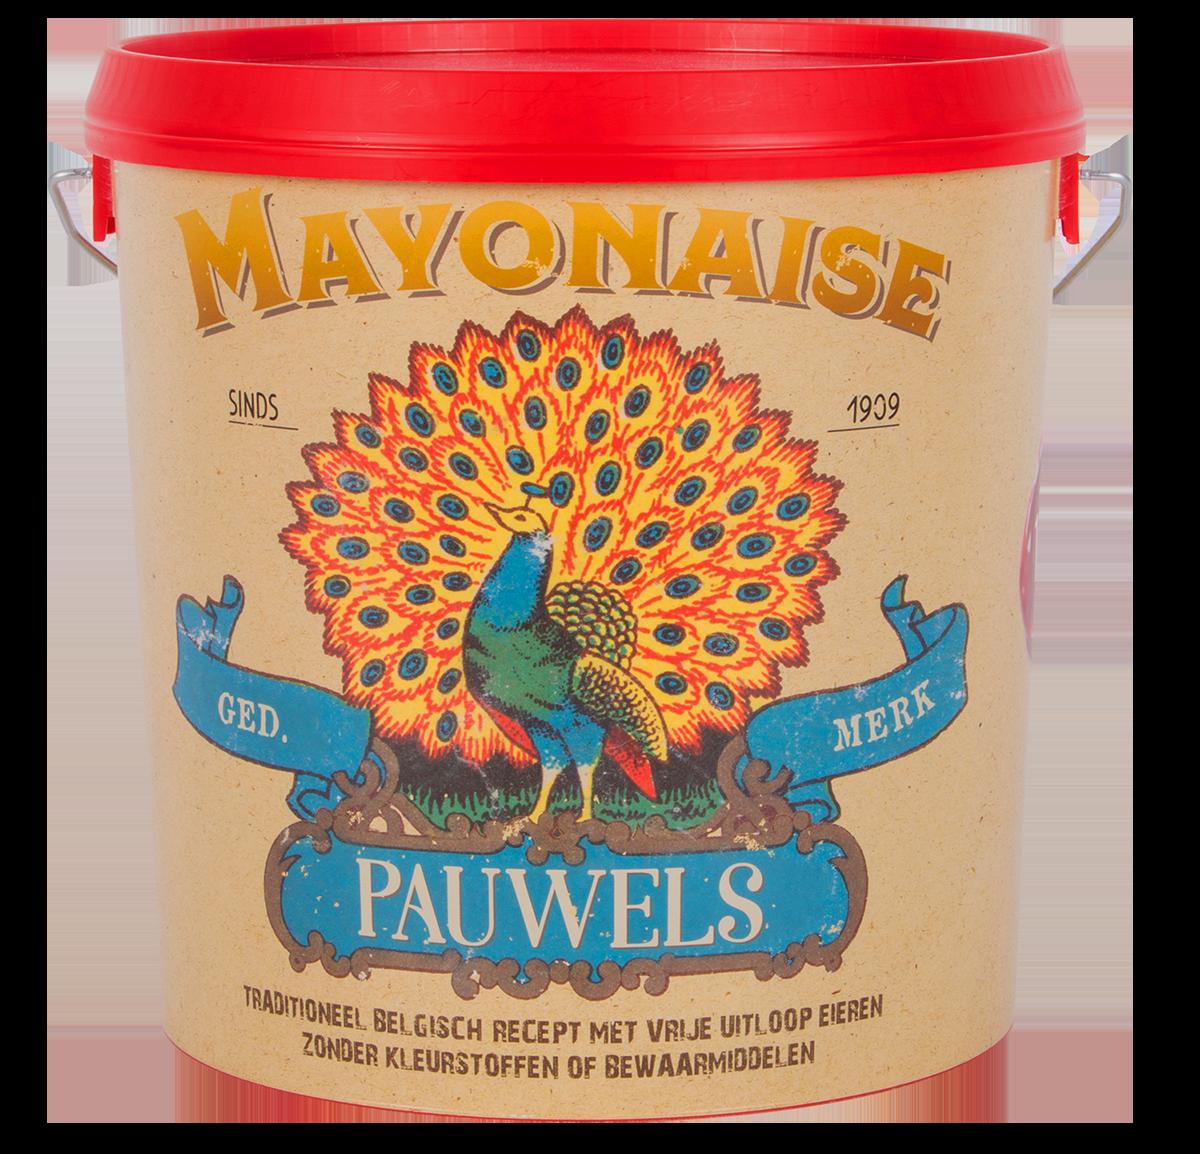 Mayonaise 110 10L Emmer Pauwels Sauzen